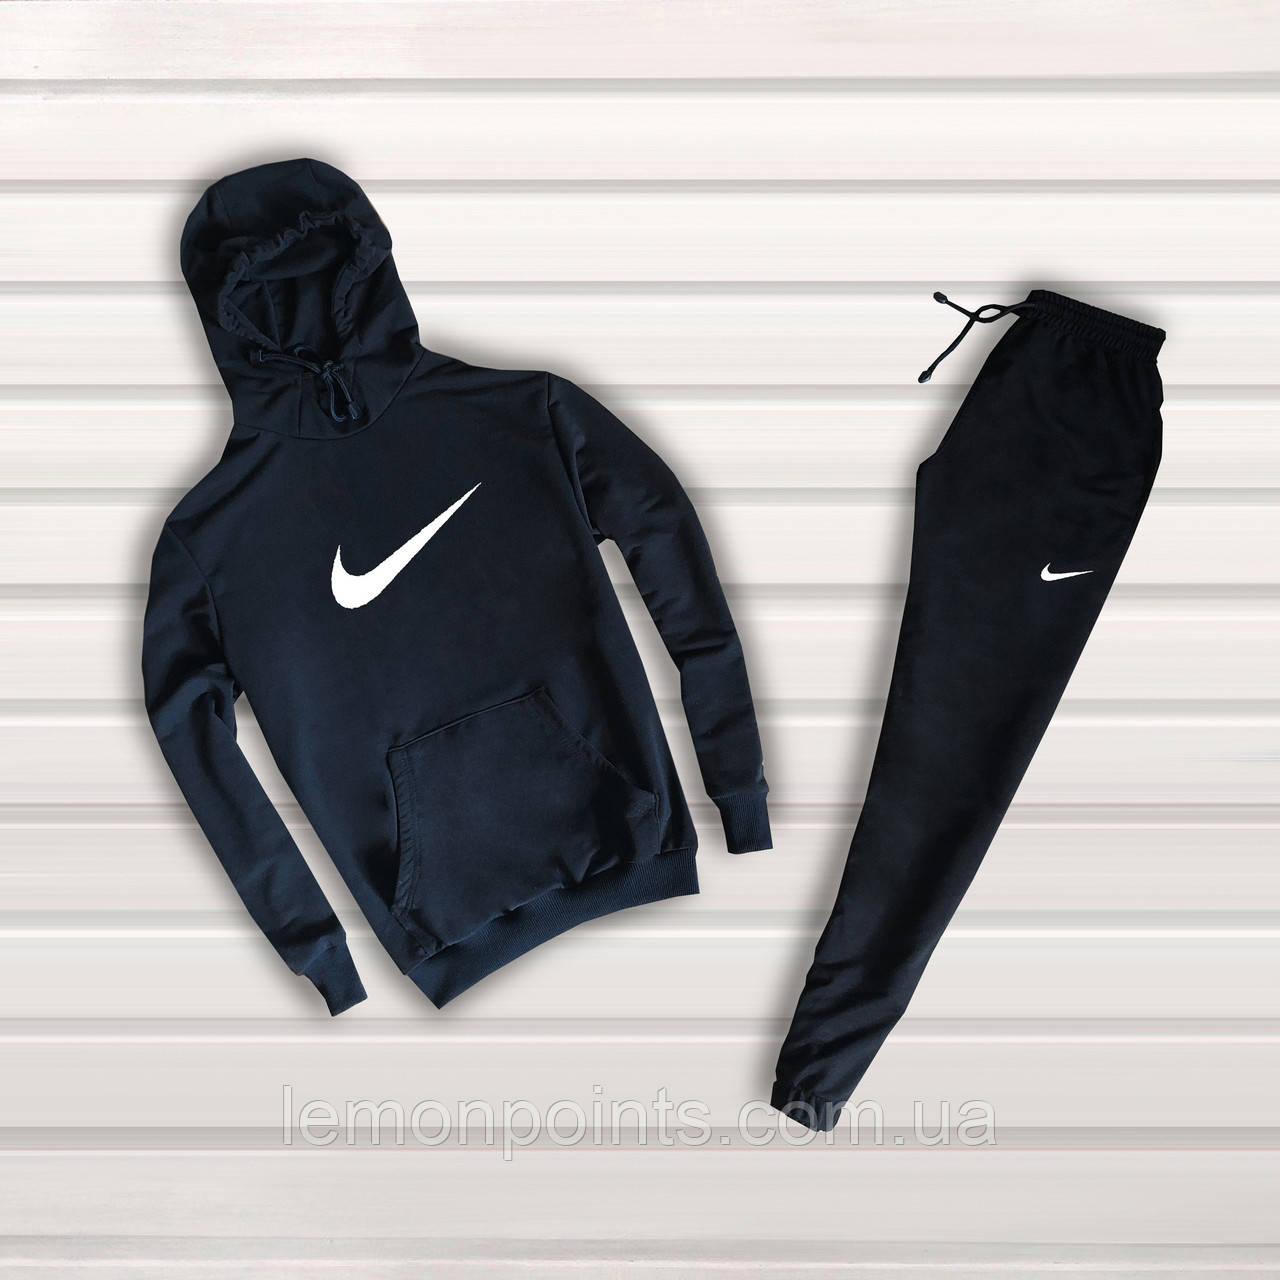 Теплый спортивный костюм Nike с капюшоном (черный ФЛИС (до -25 °С))